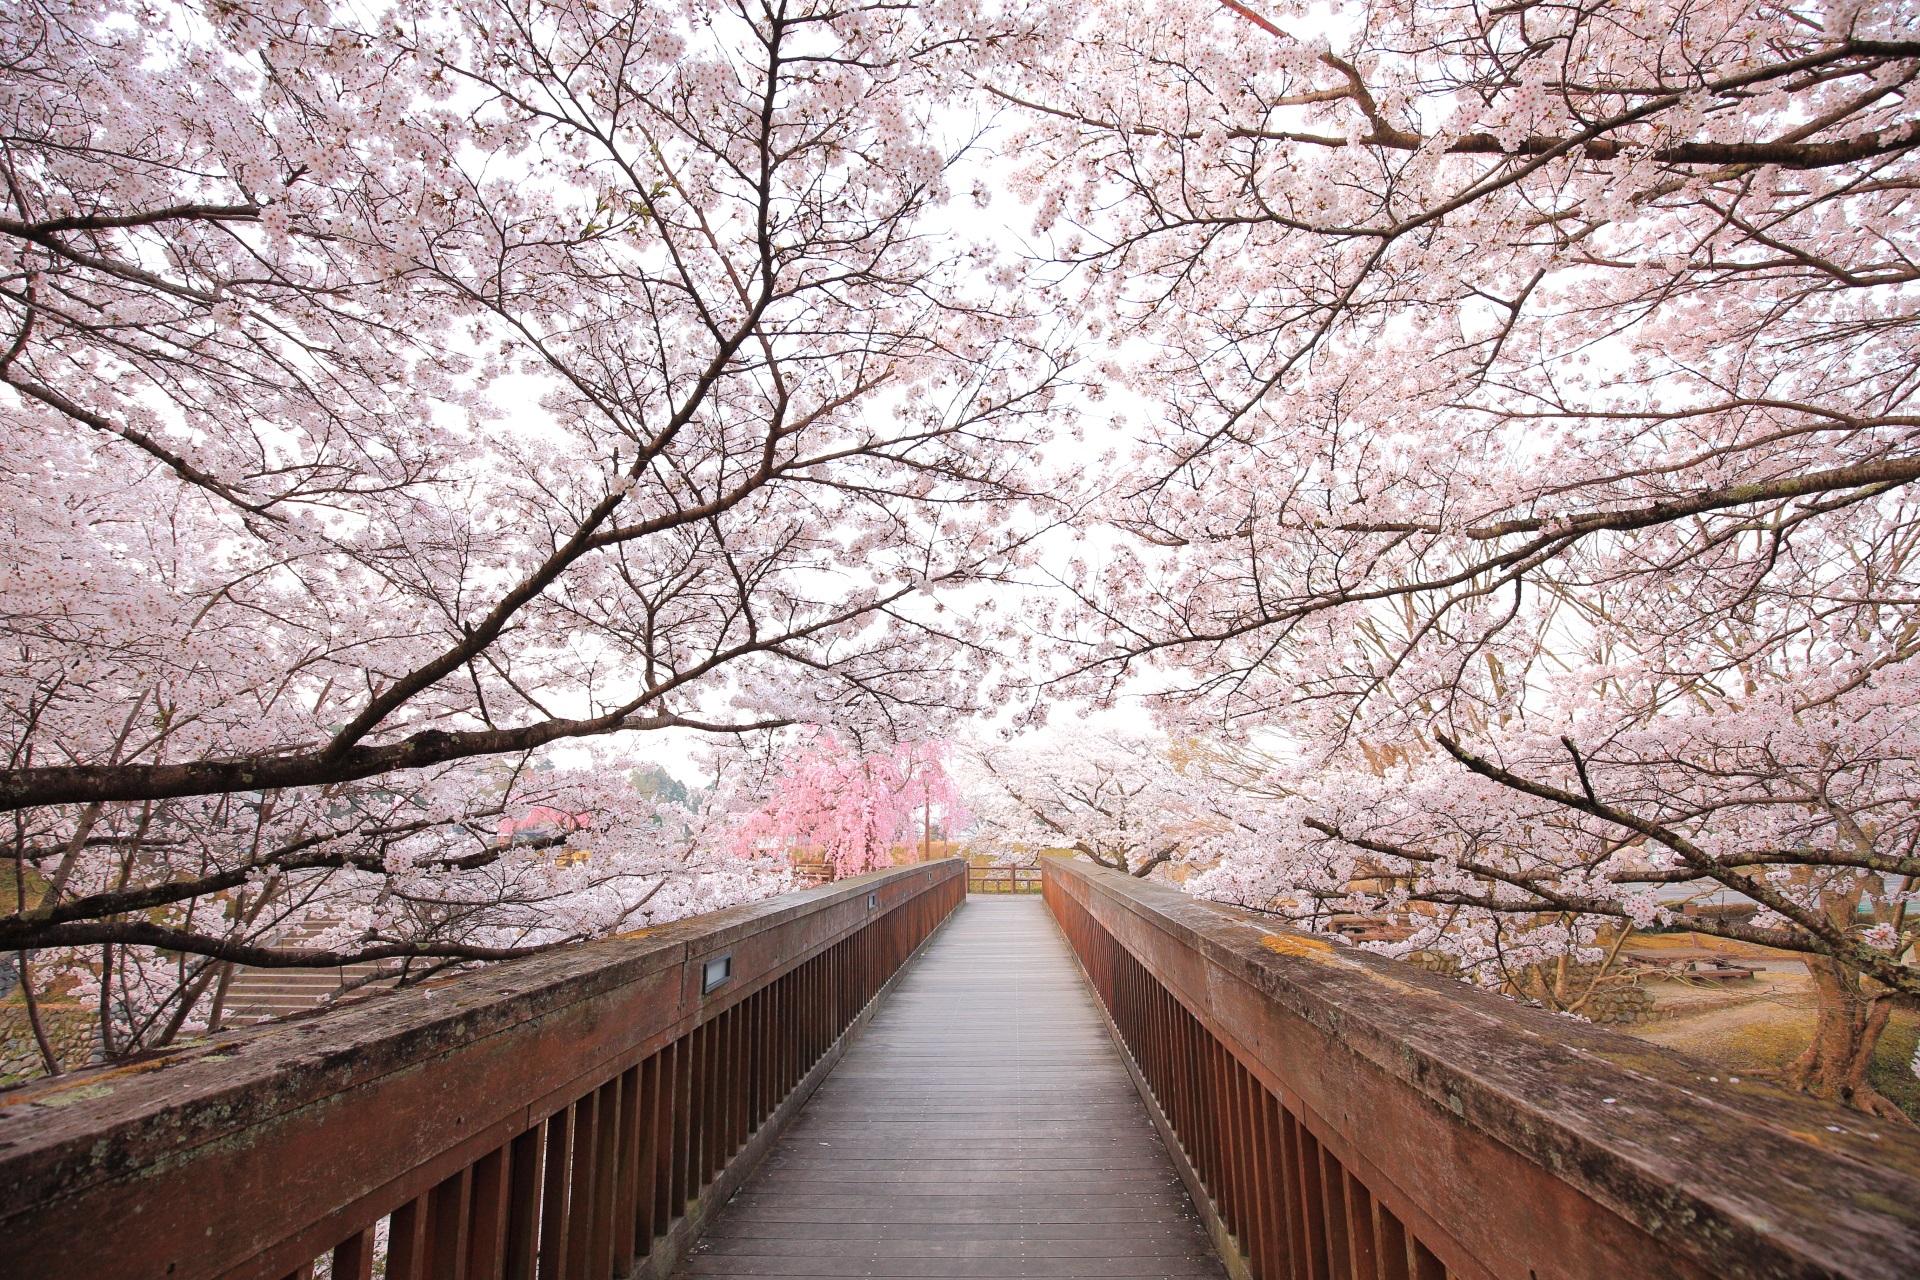 七谷川の桜につつまれた風情ある木の橋